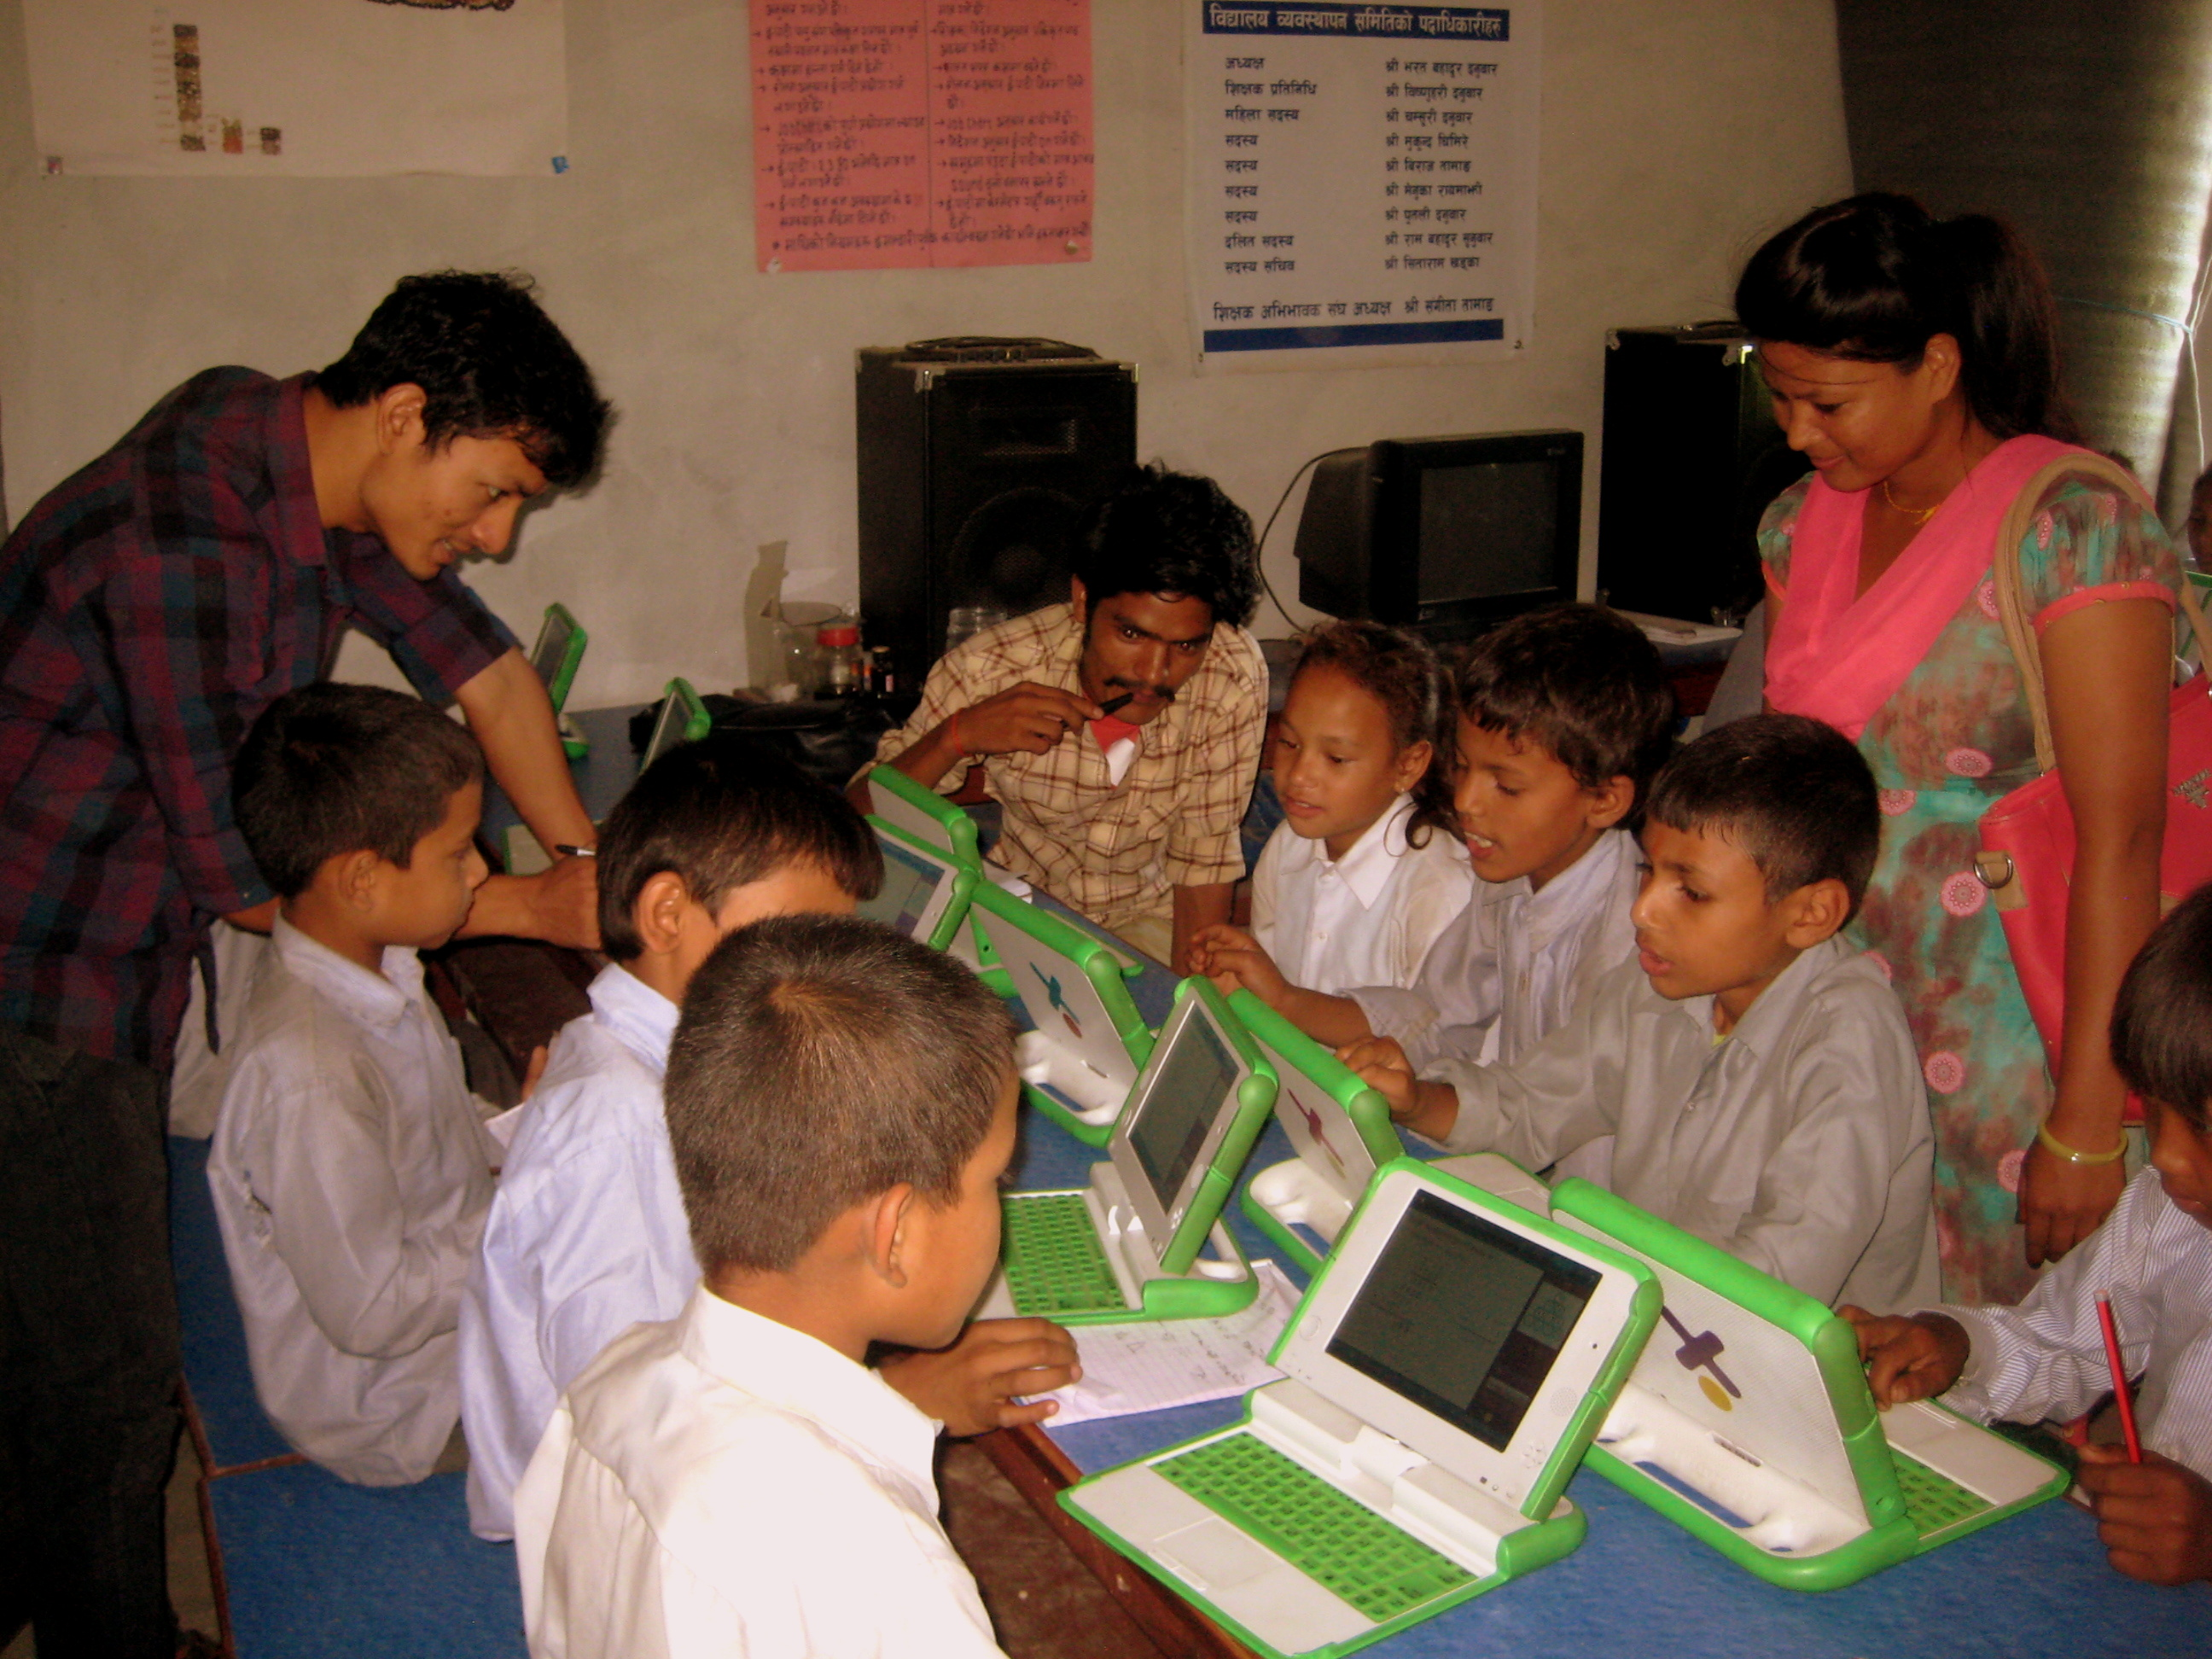 observing laptop class